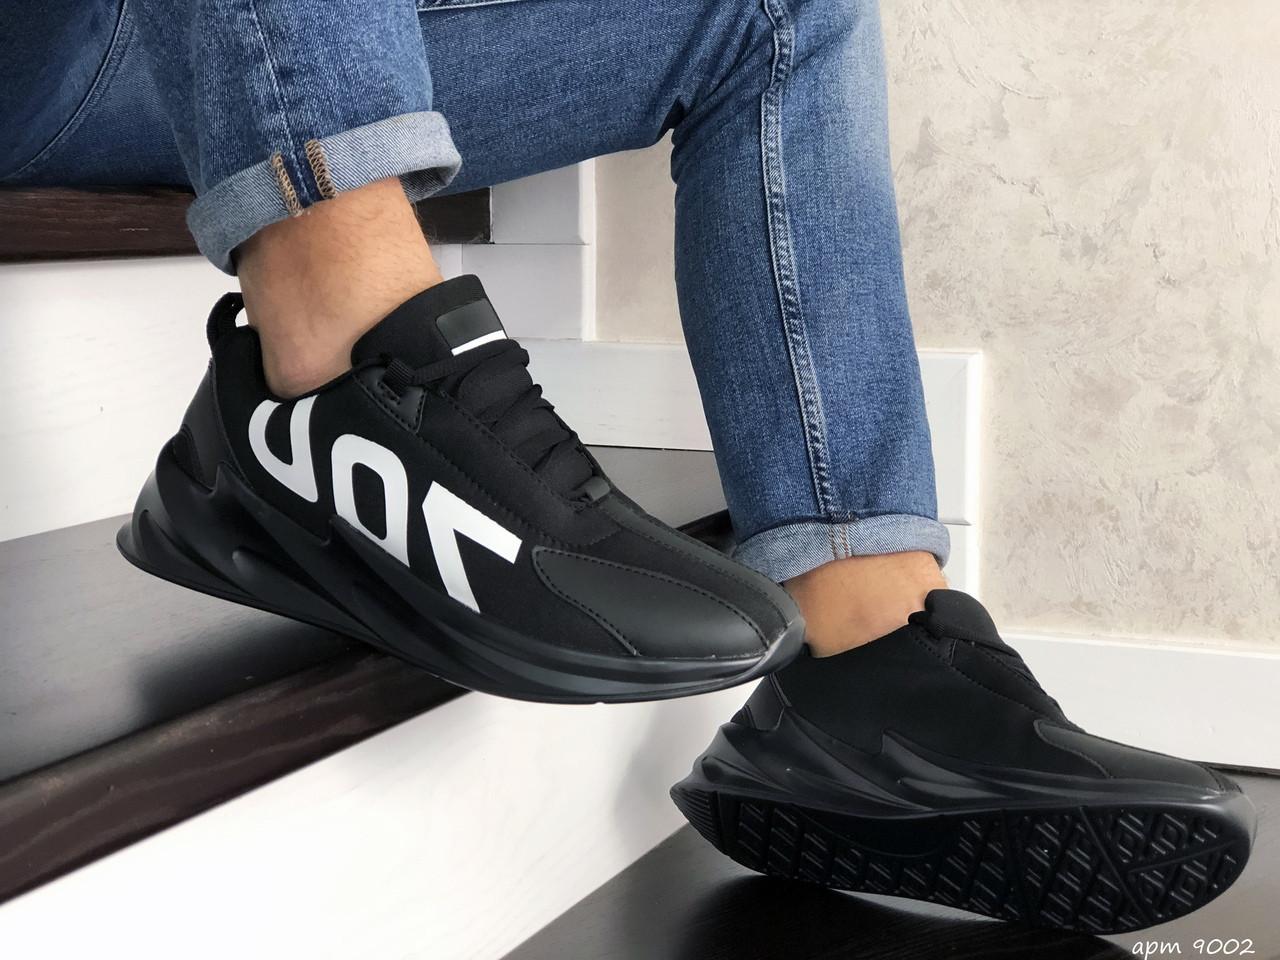 Чоловічі кросівки 700 (чорні) 9002